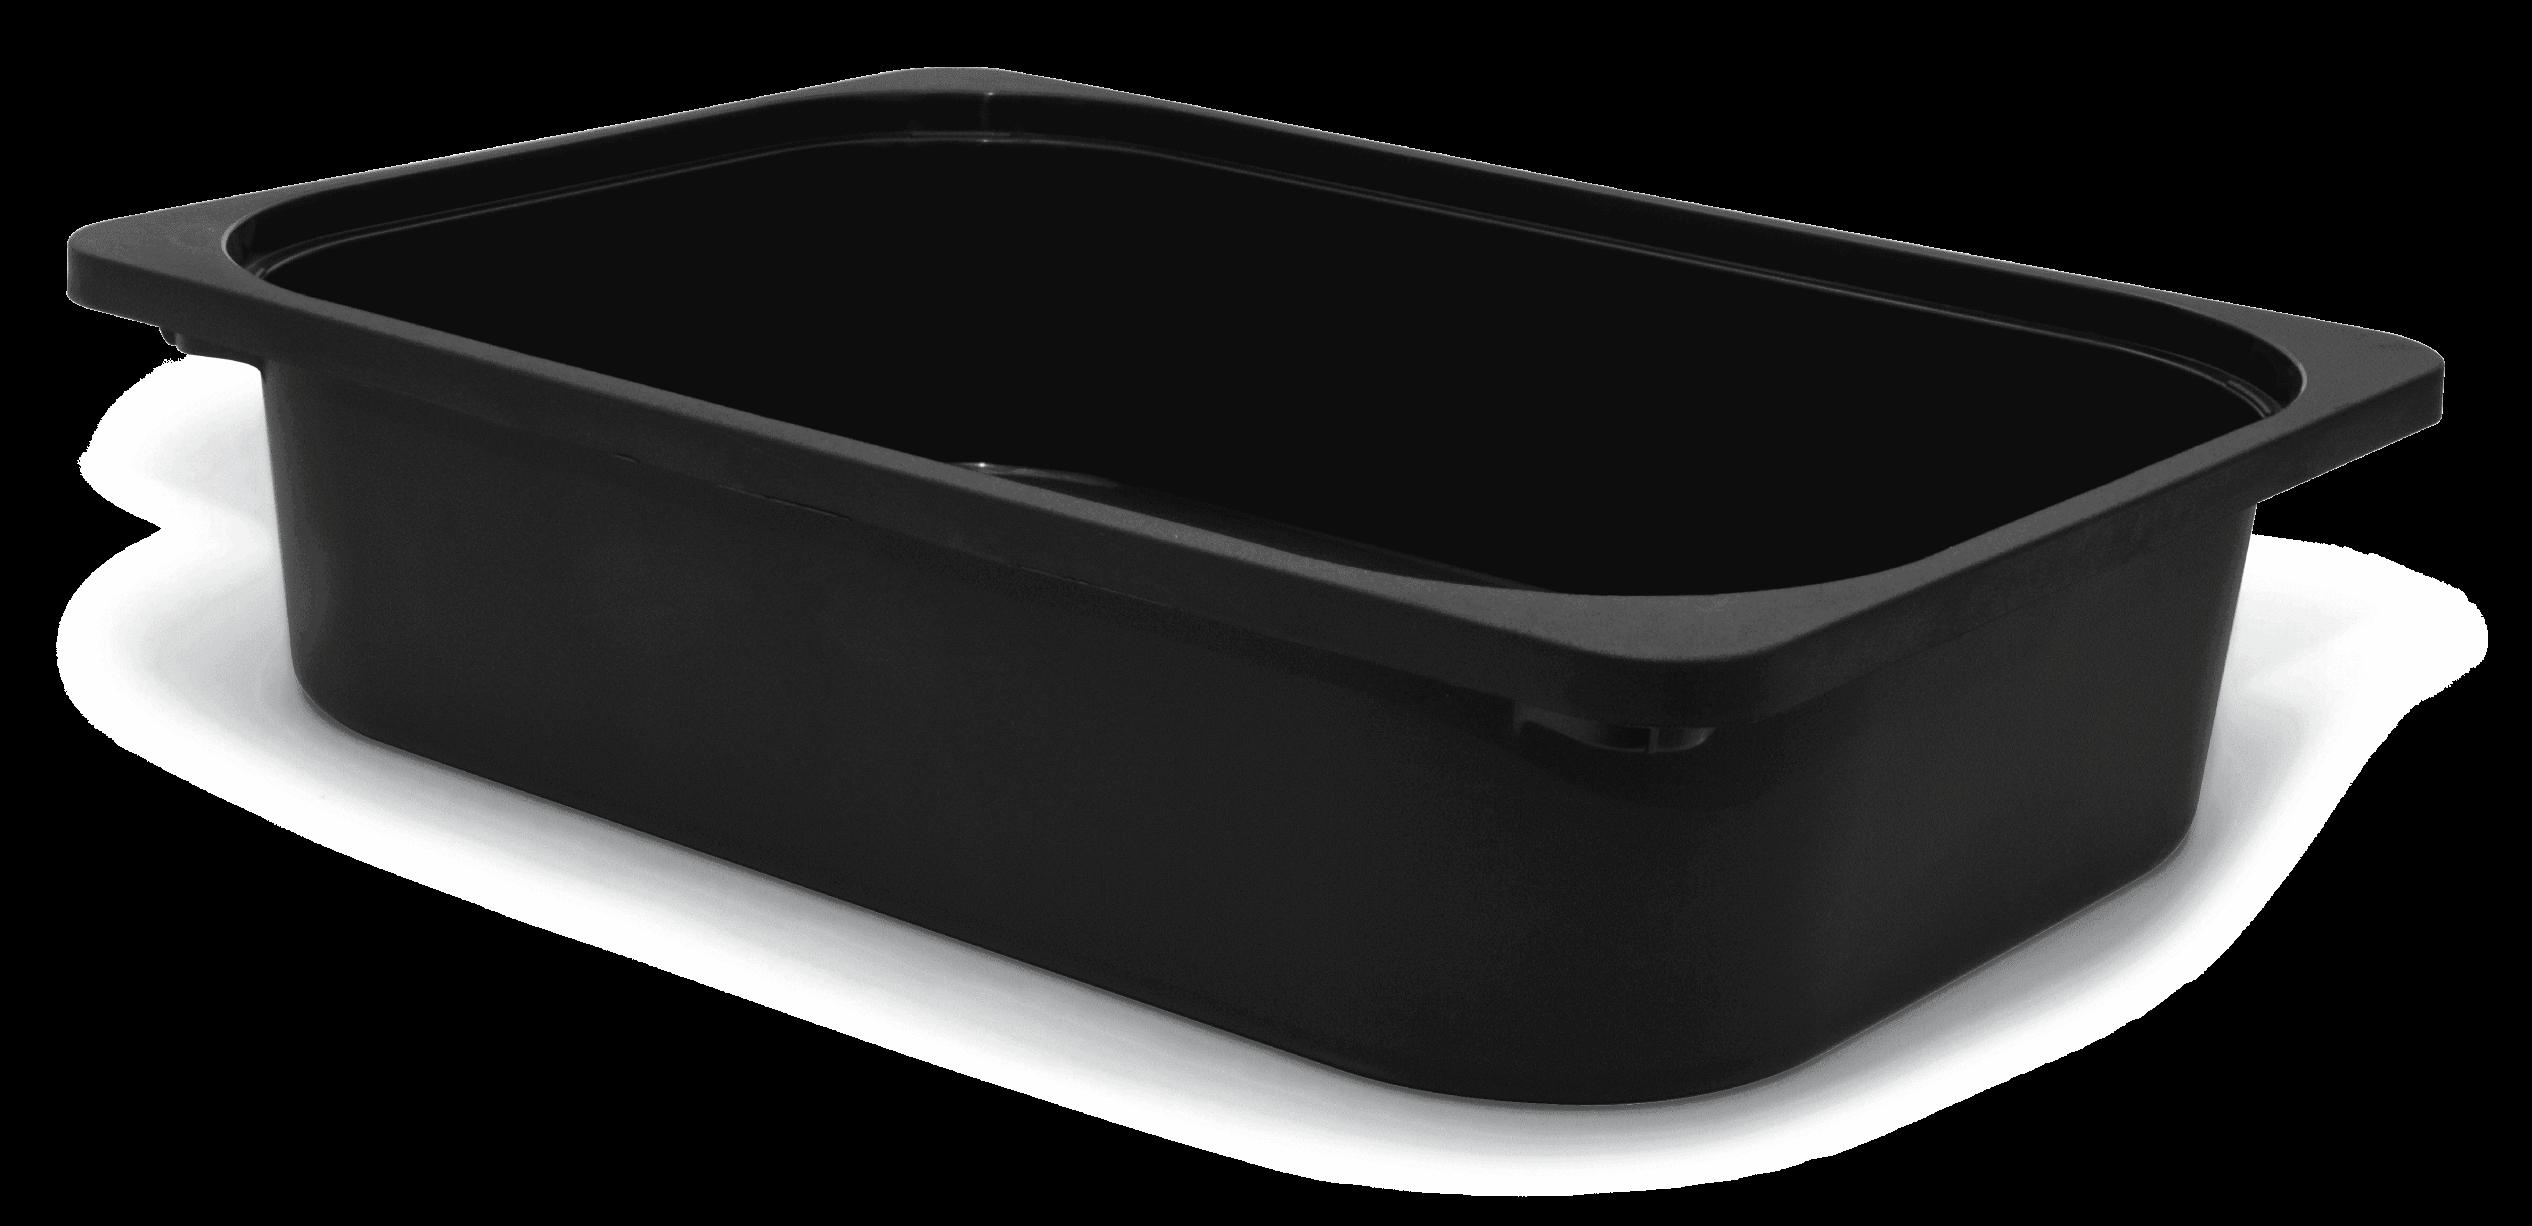 Saklama Kutusu Siyah 42x30x10